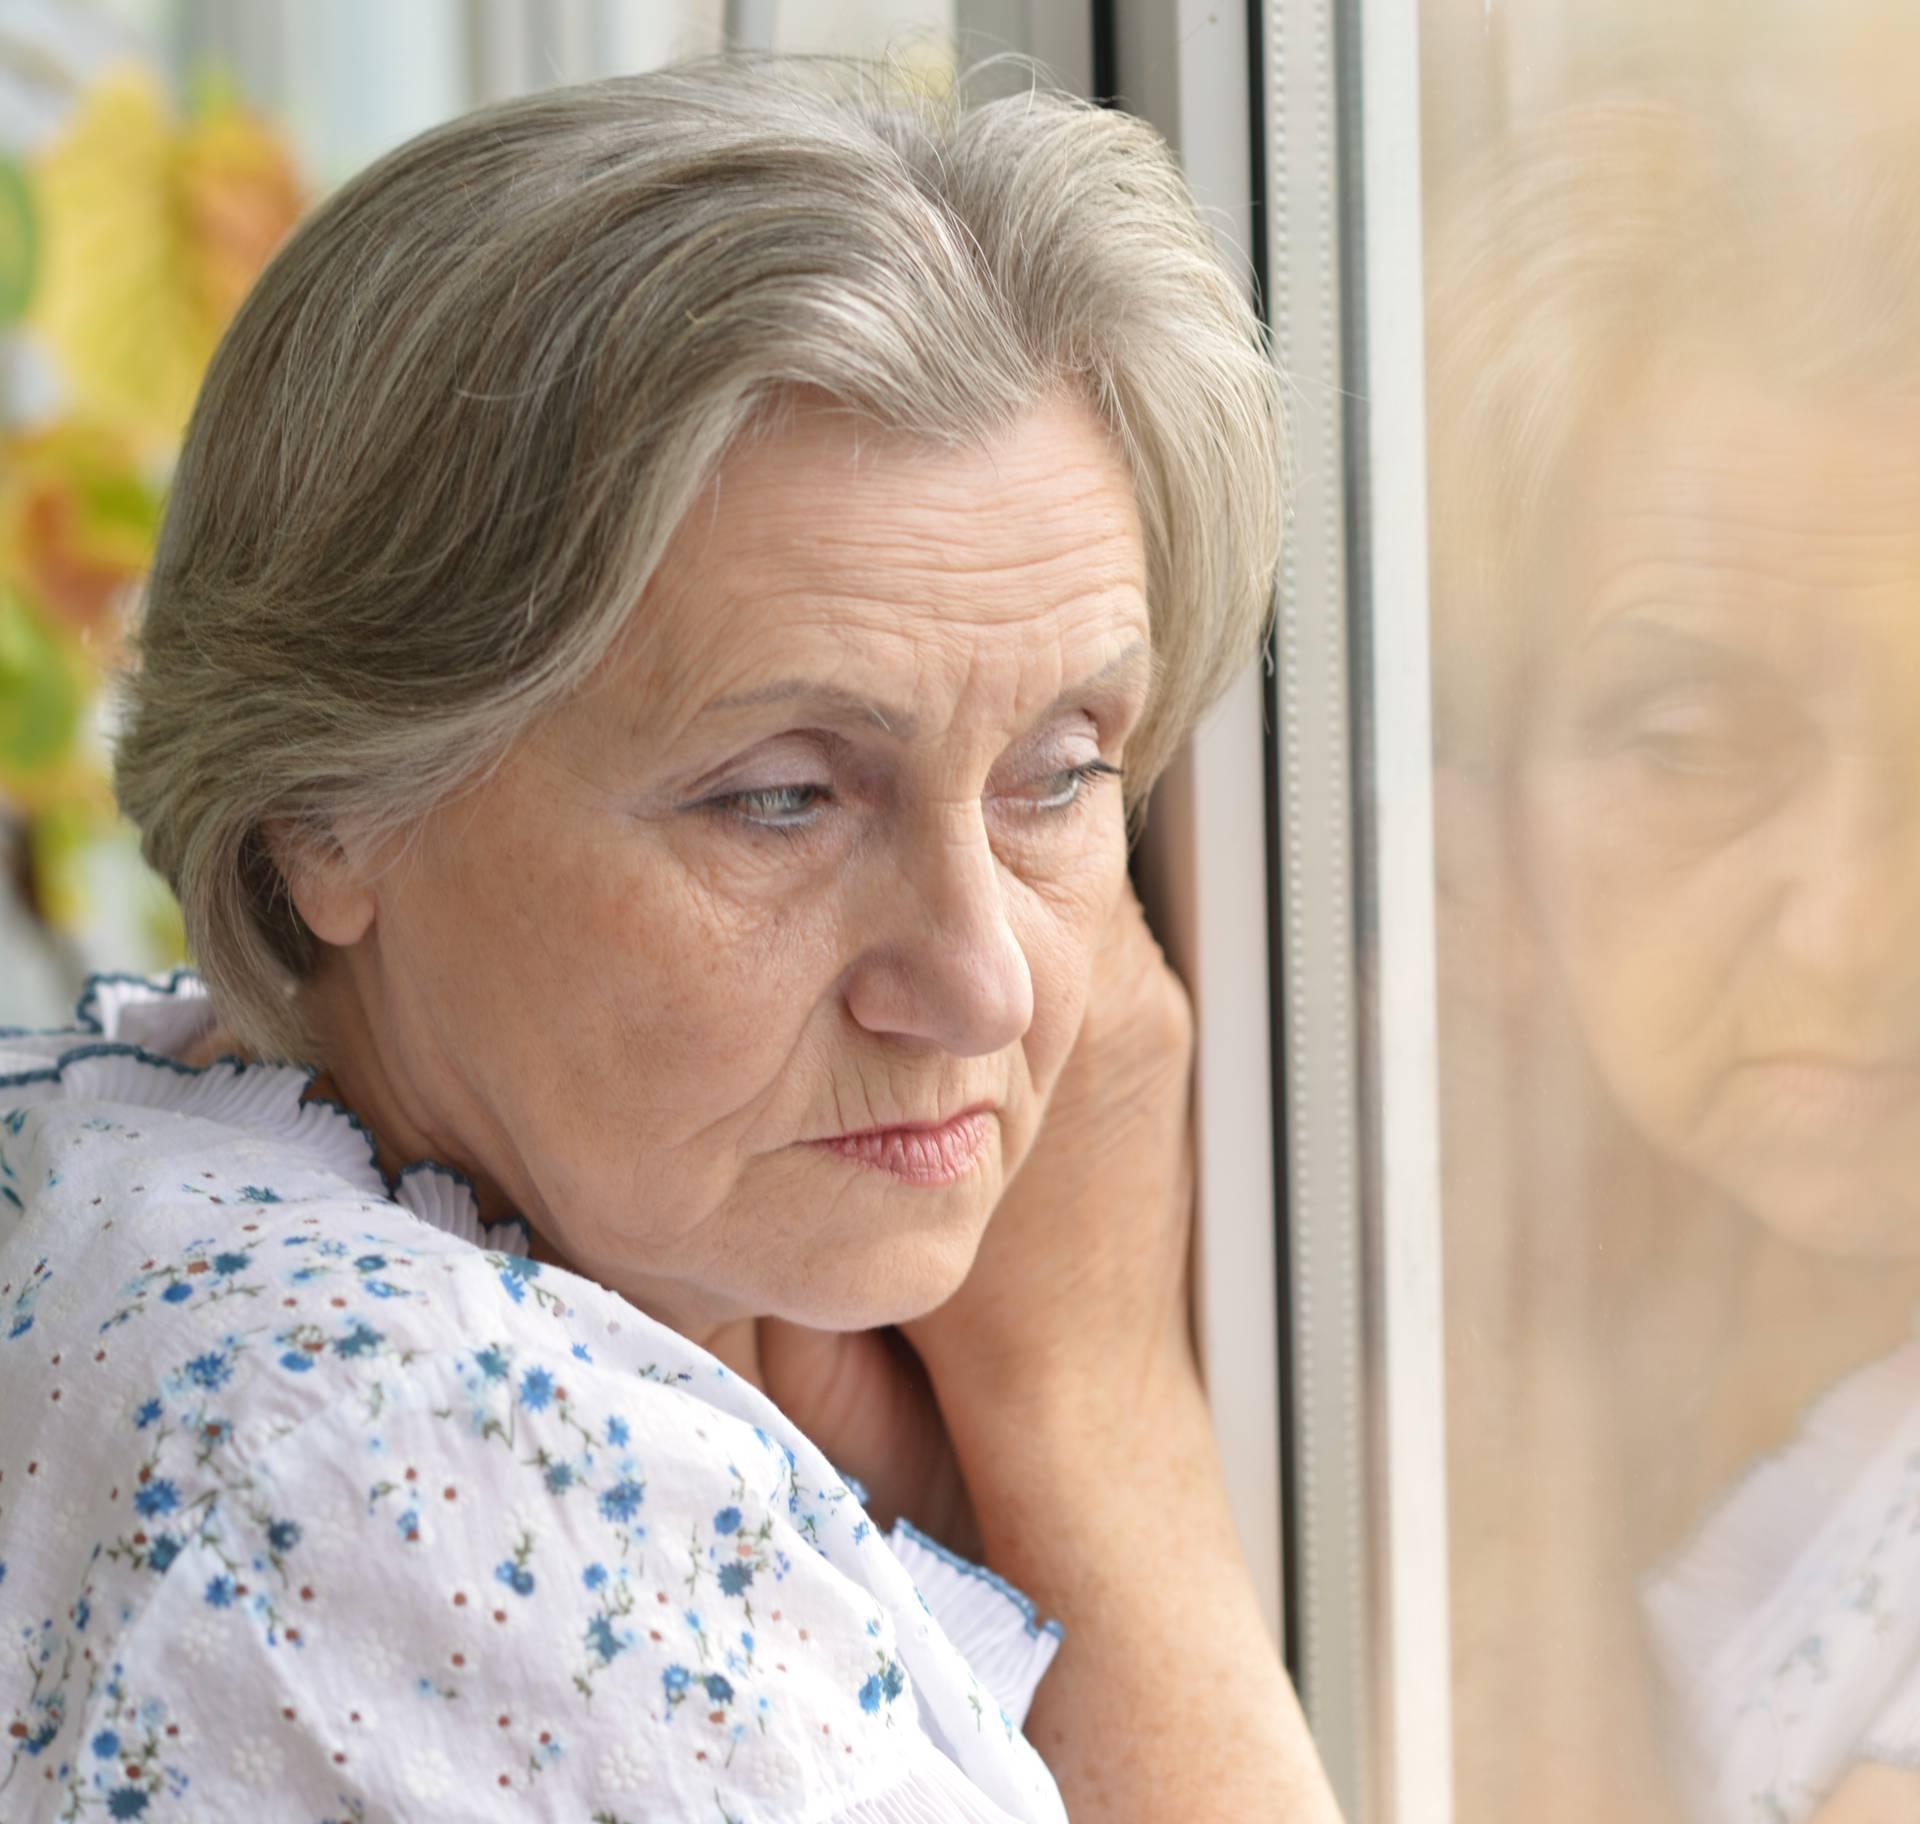 Mentalni problemi zbog korone veći među ženskom populacijom